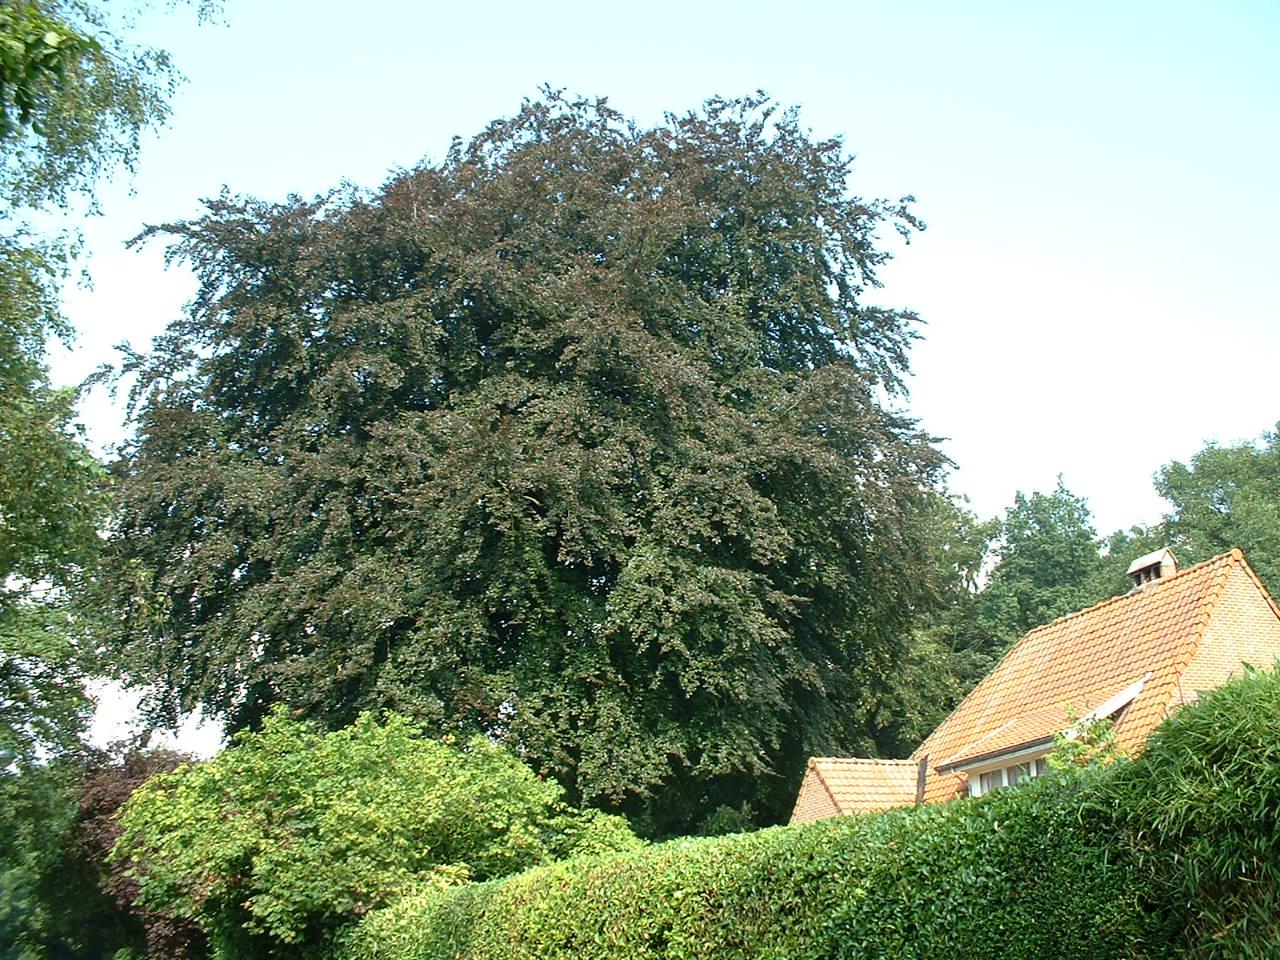 Hêtre pourpre – Watermael-Boitsfort, Drève des Tumuli, 7 –  07 Août 2002